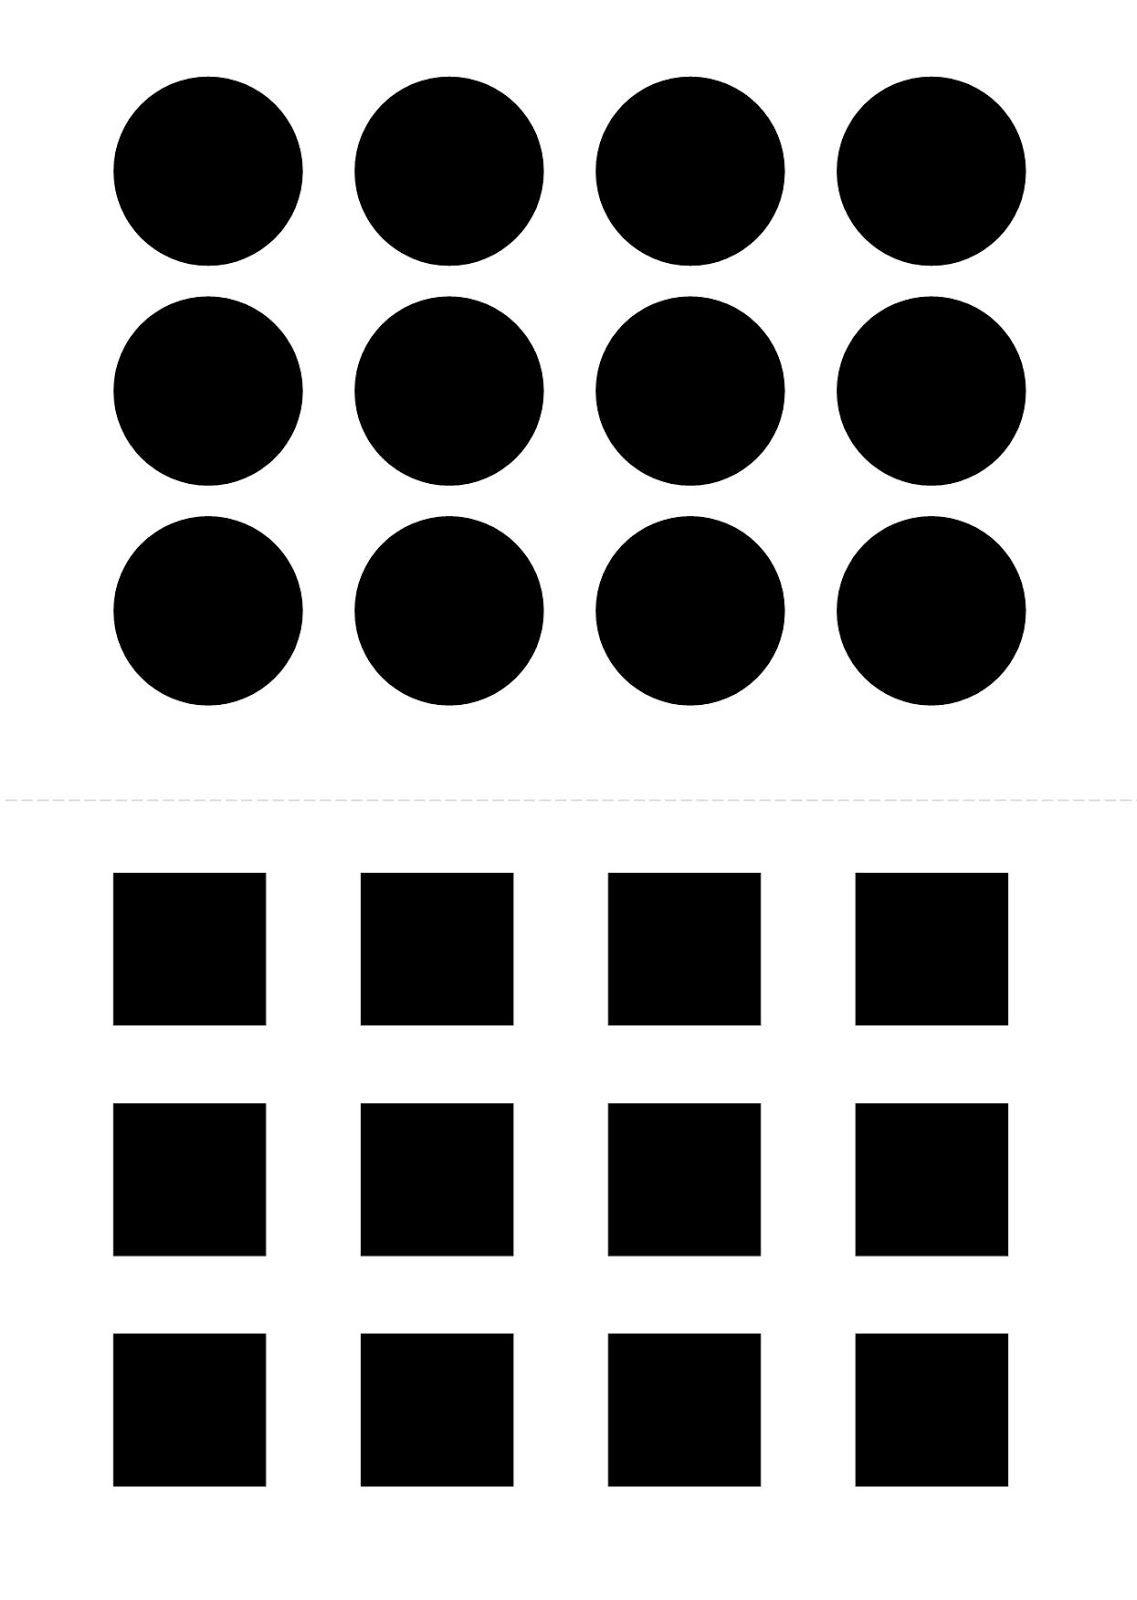 выкладываем картинки черно белые зная аккуратность